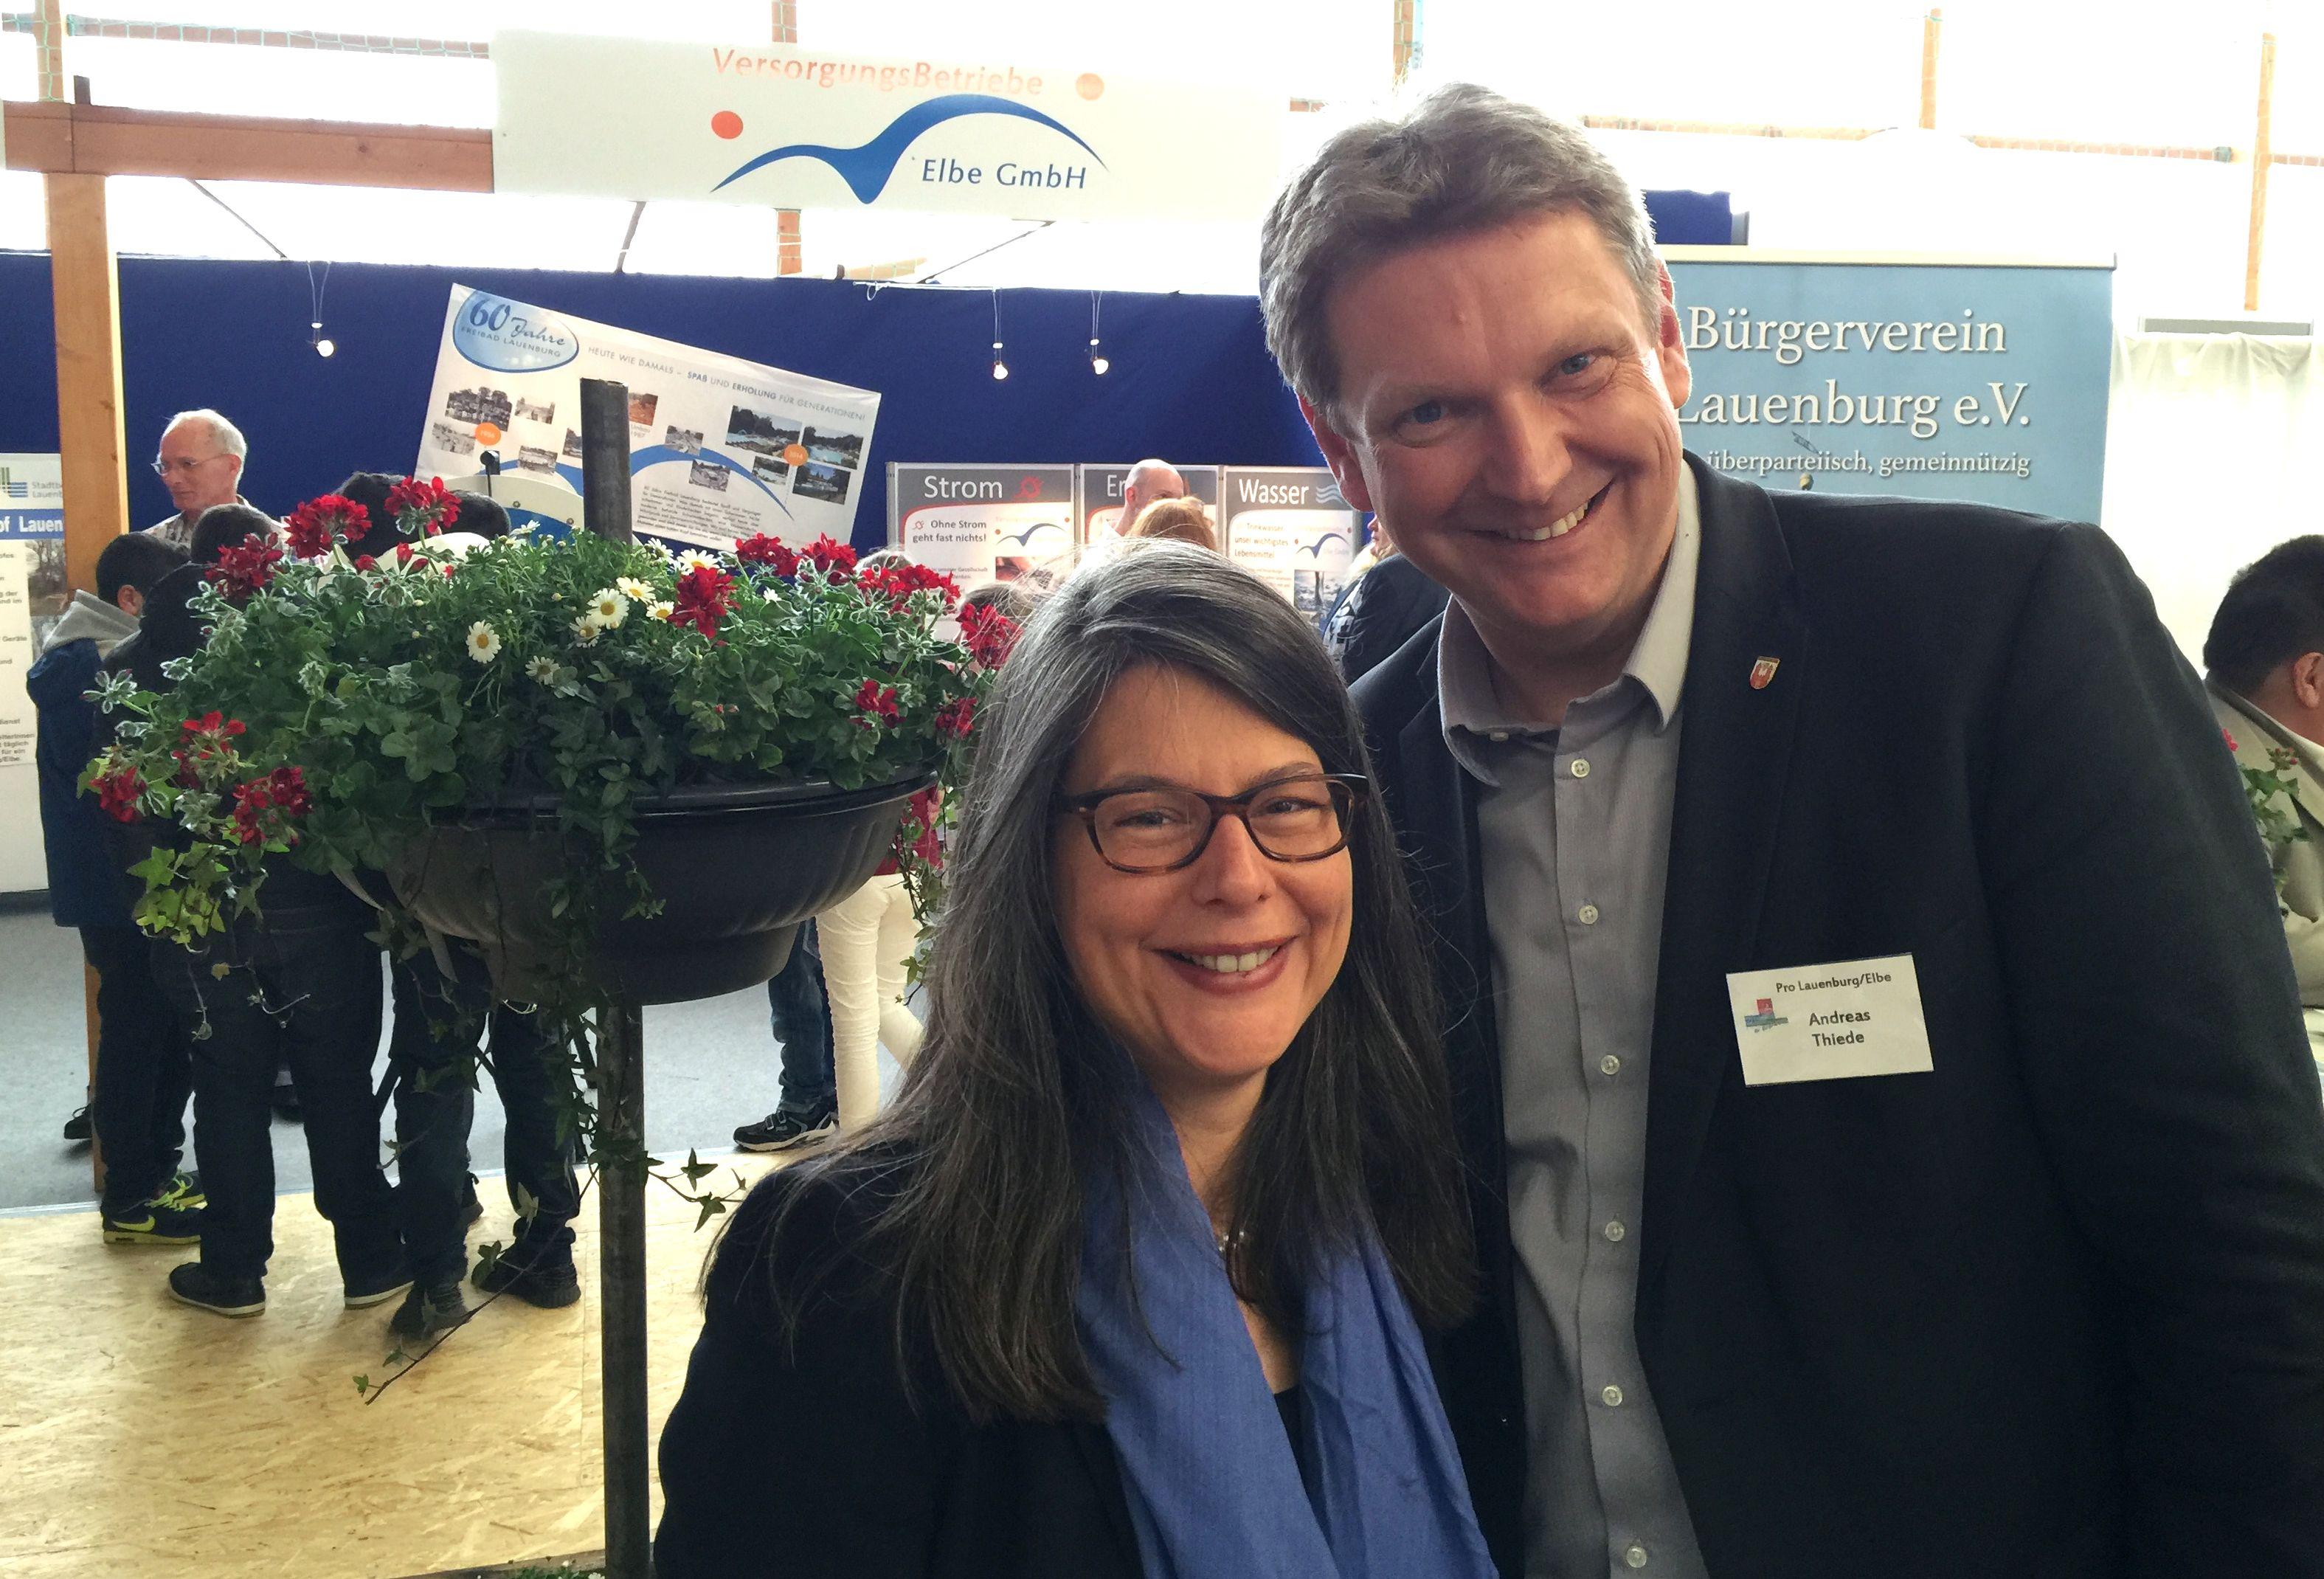 Nina Scheer und Andreas Thiede, Bürgermeister Lauenburg